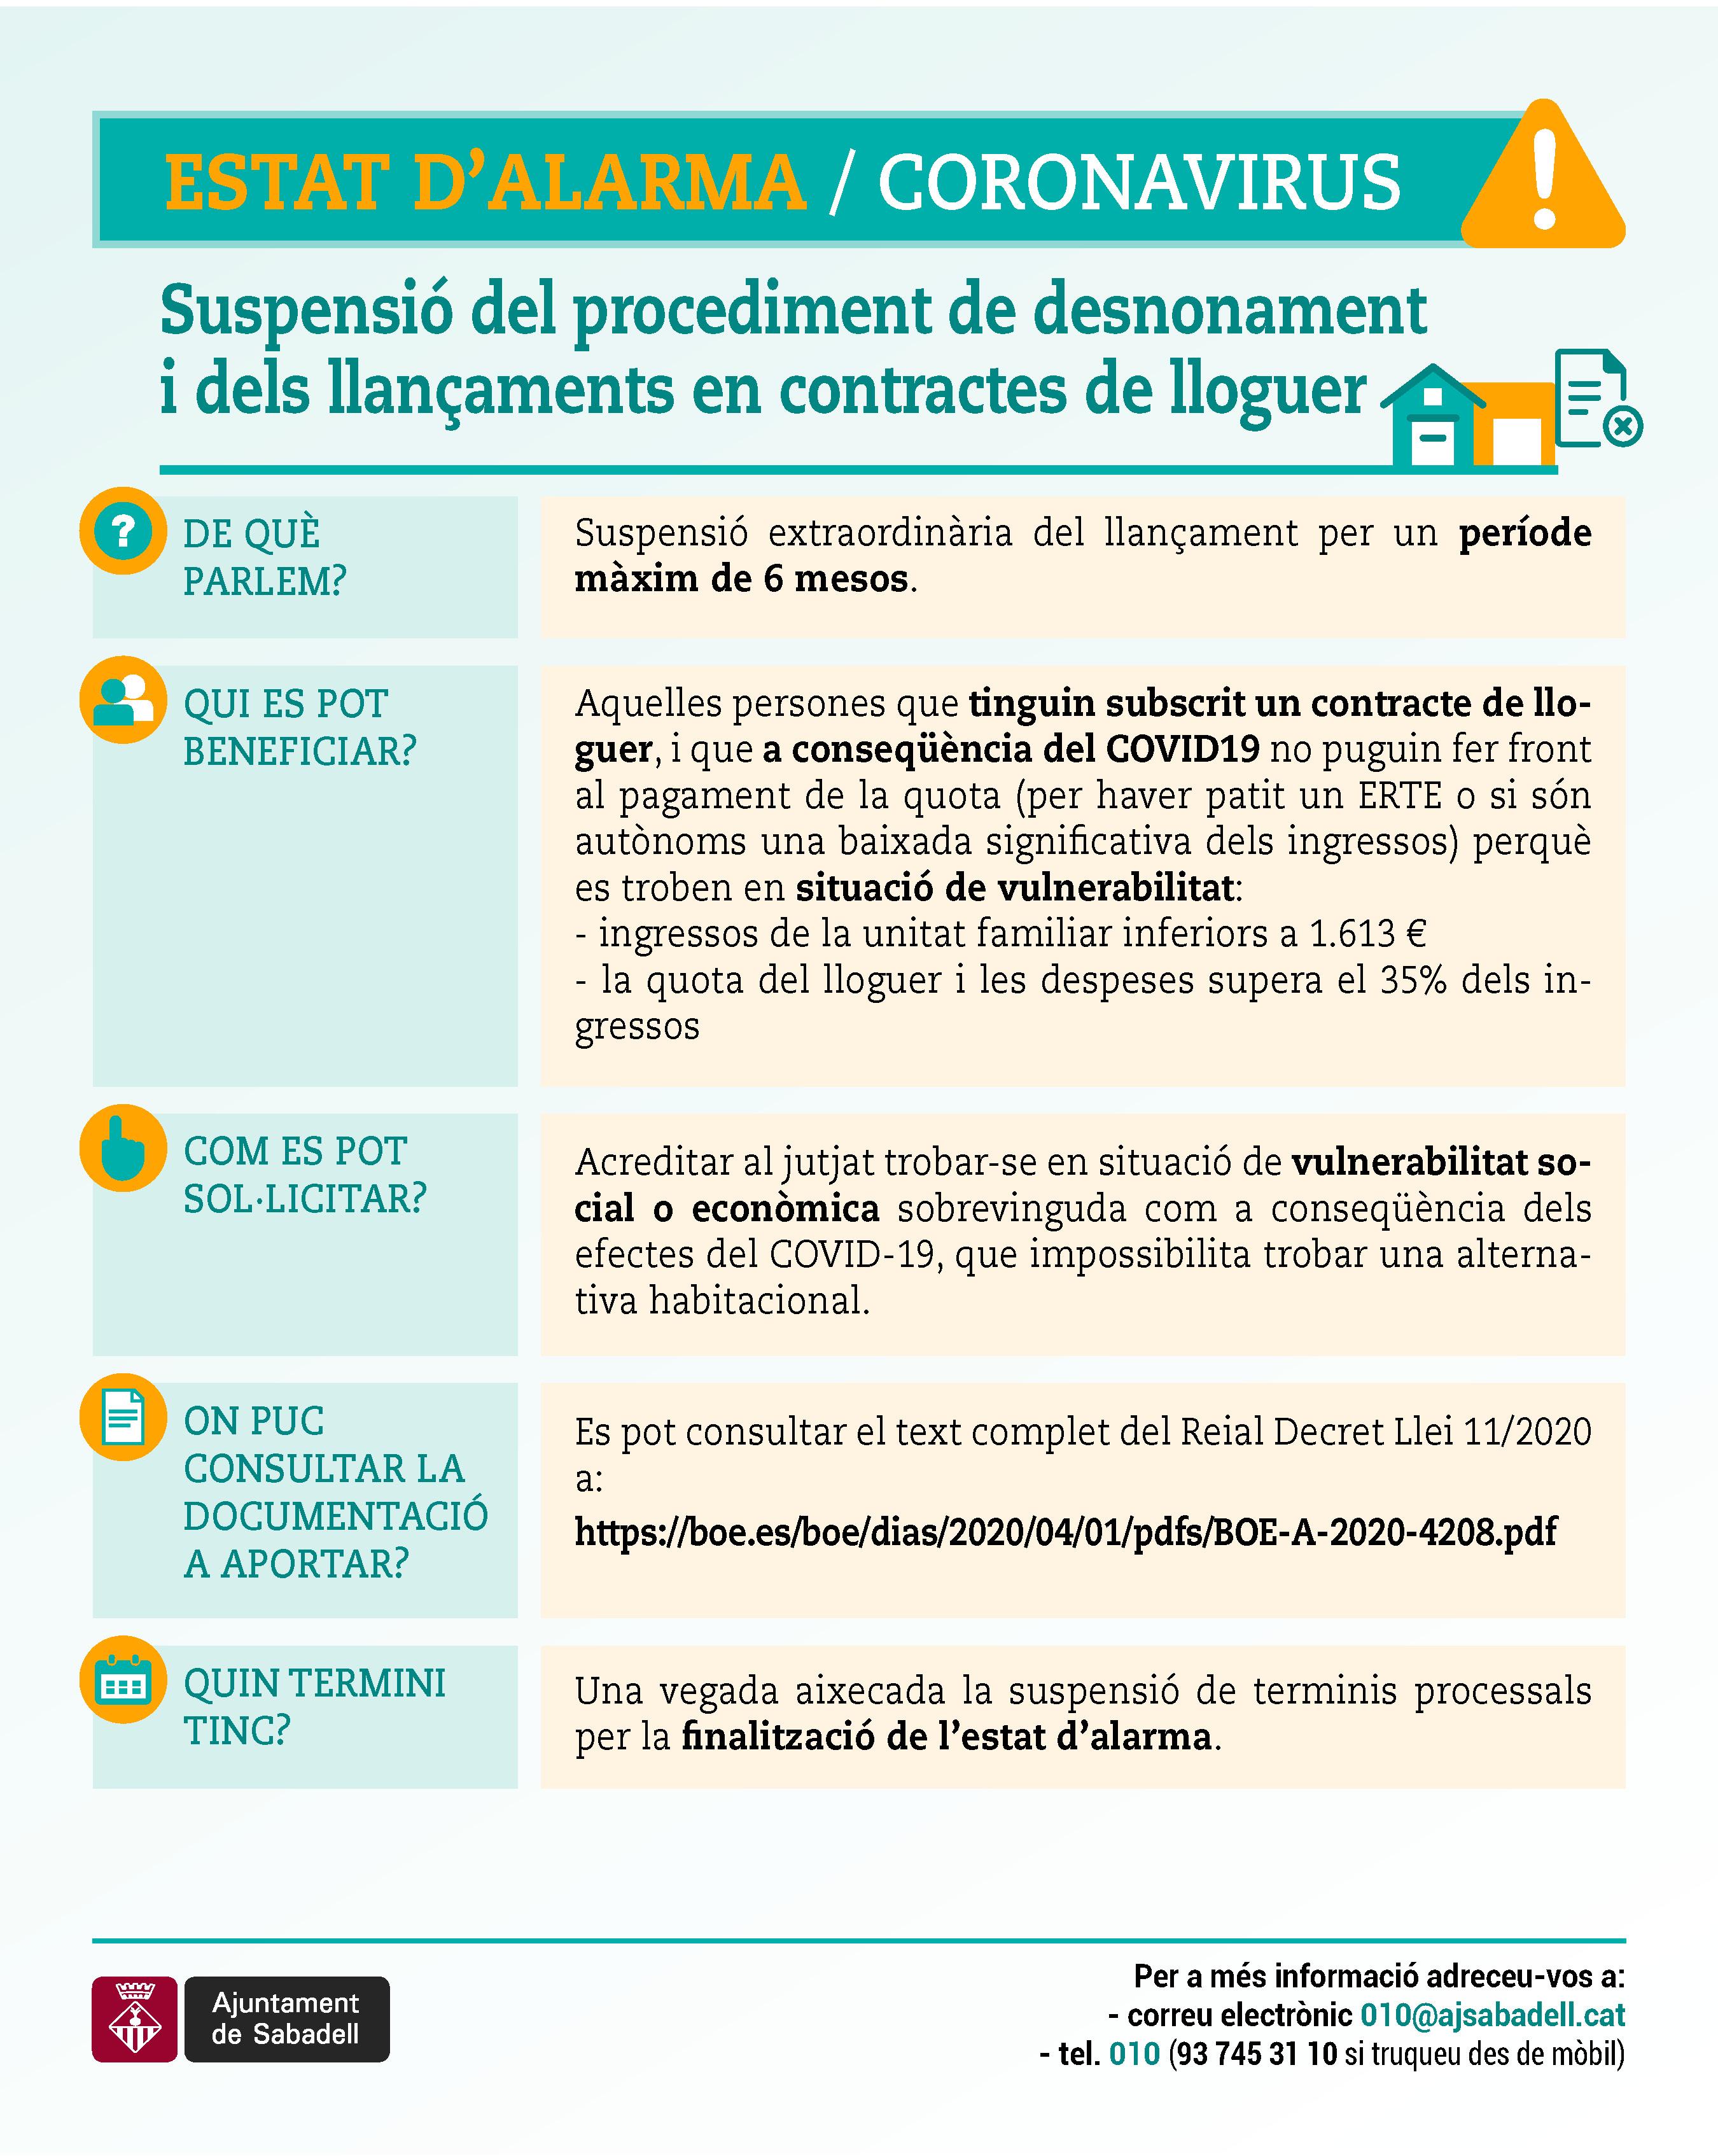 Suspensió del procediment de desnonament i dels llançaments en contractes de lloguer